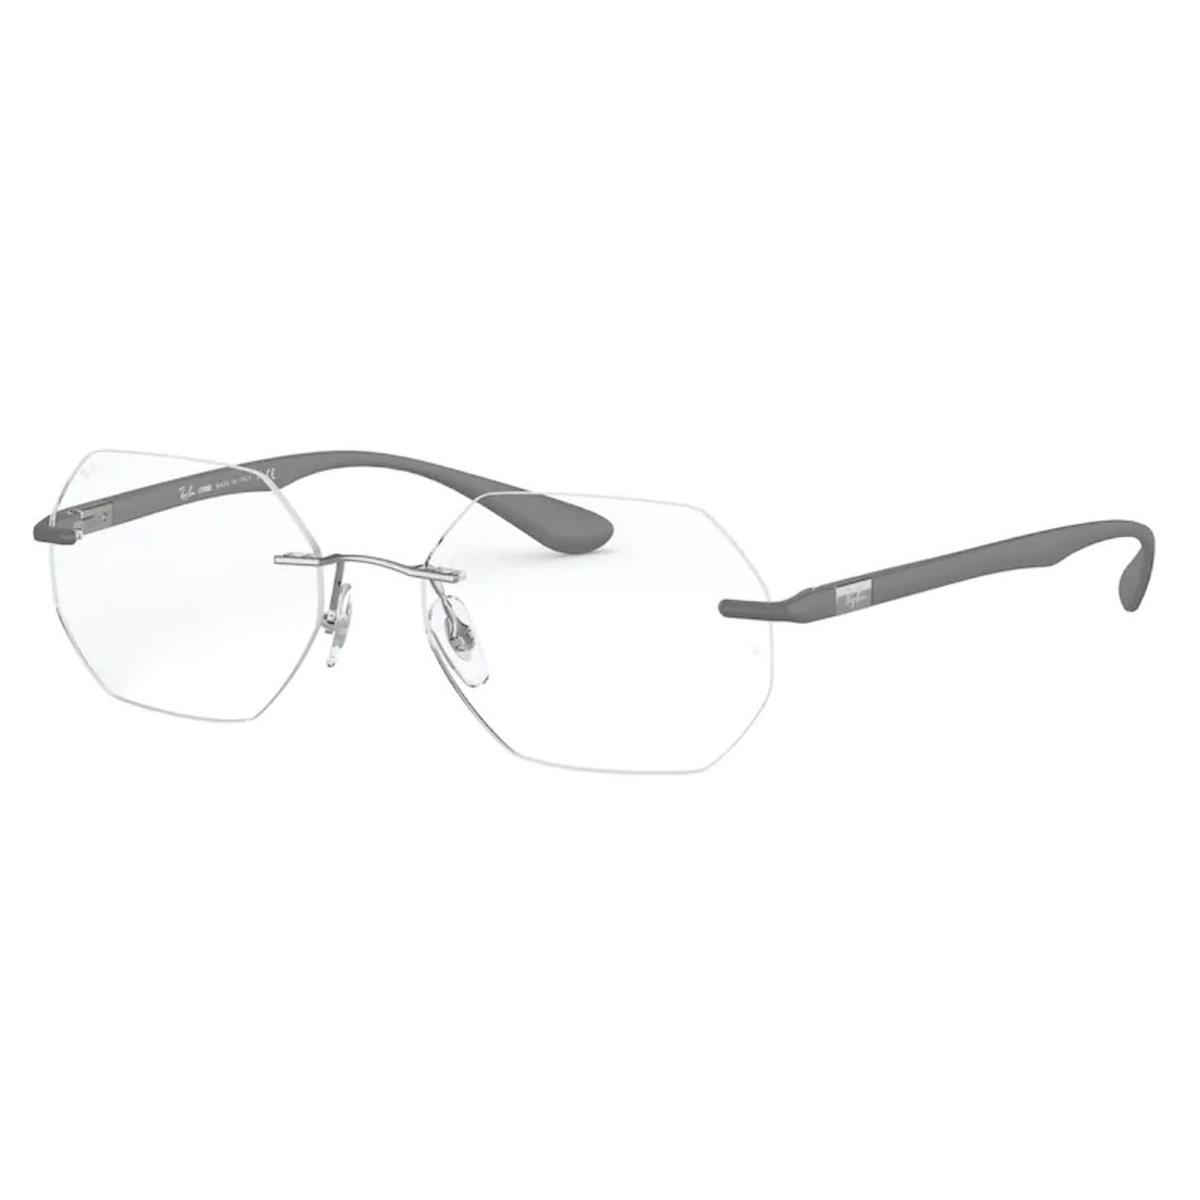 Óculos de Grau Masculino RayBan Flutuante RX8765 Titanium Cinza